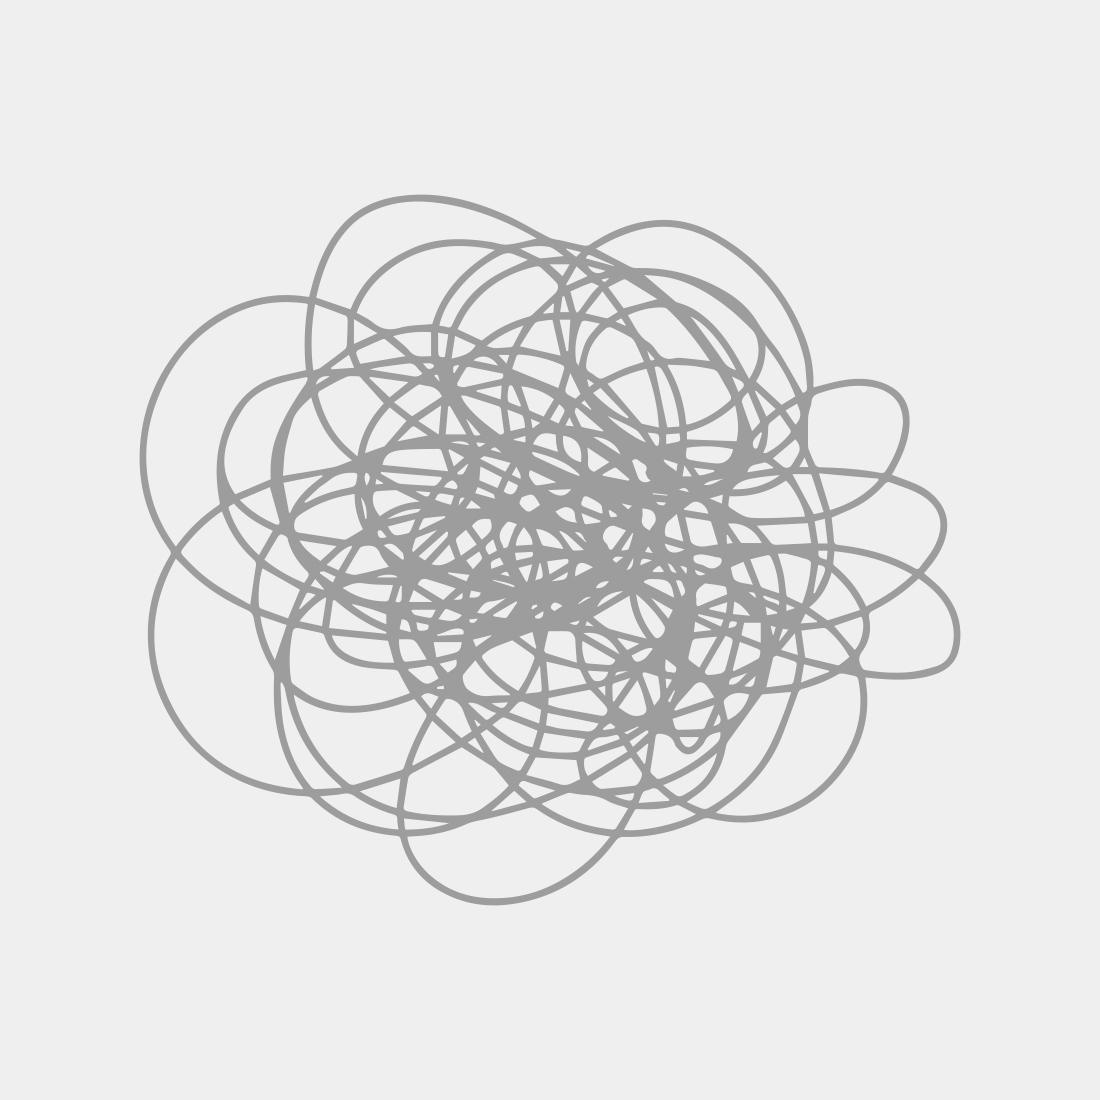 Mini Print Picasso Study for 'Les Femmes d'Alger' detail